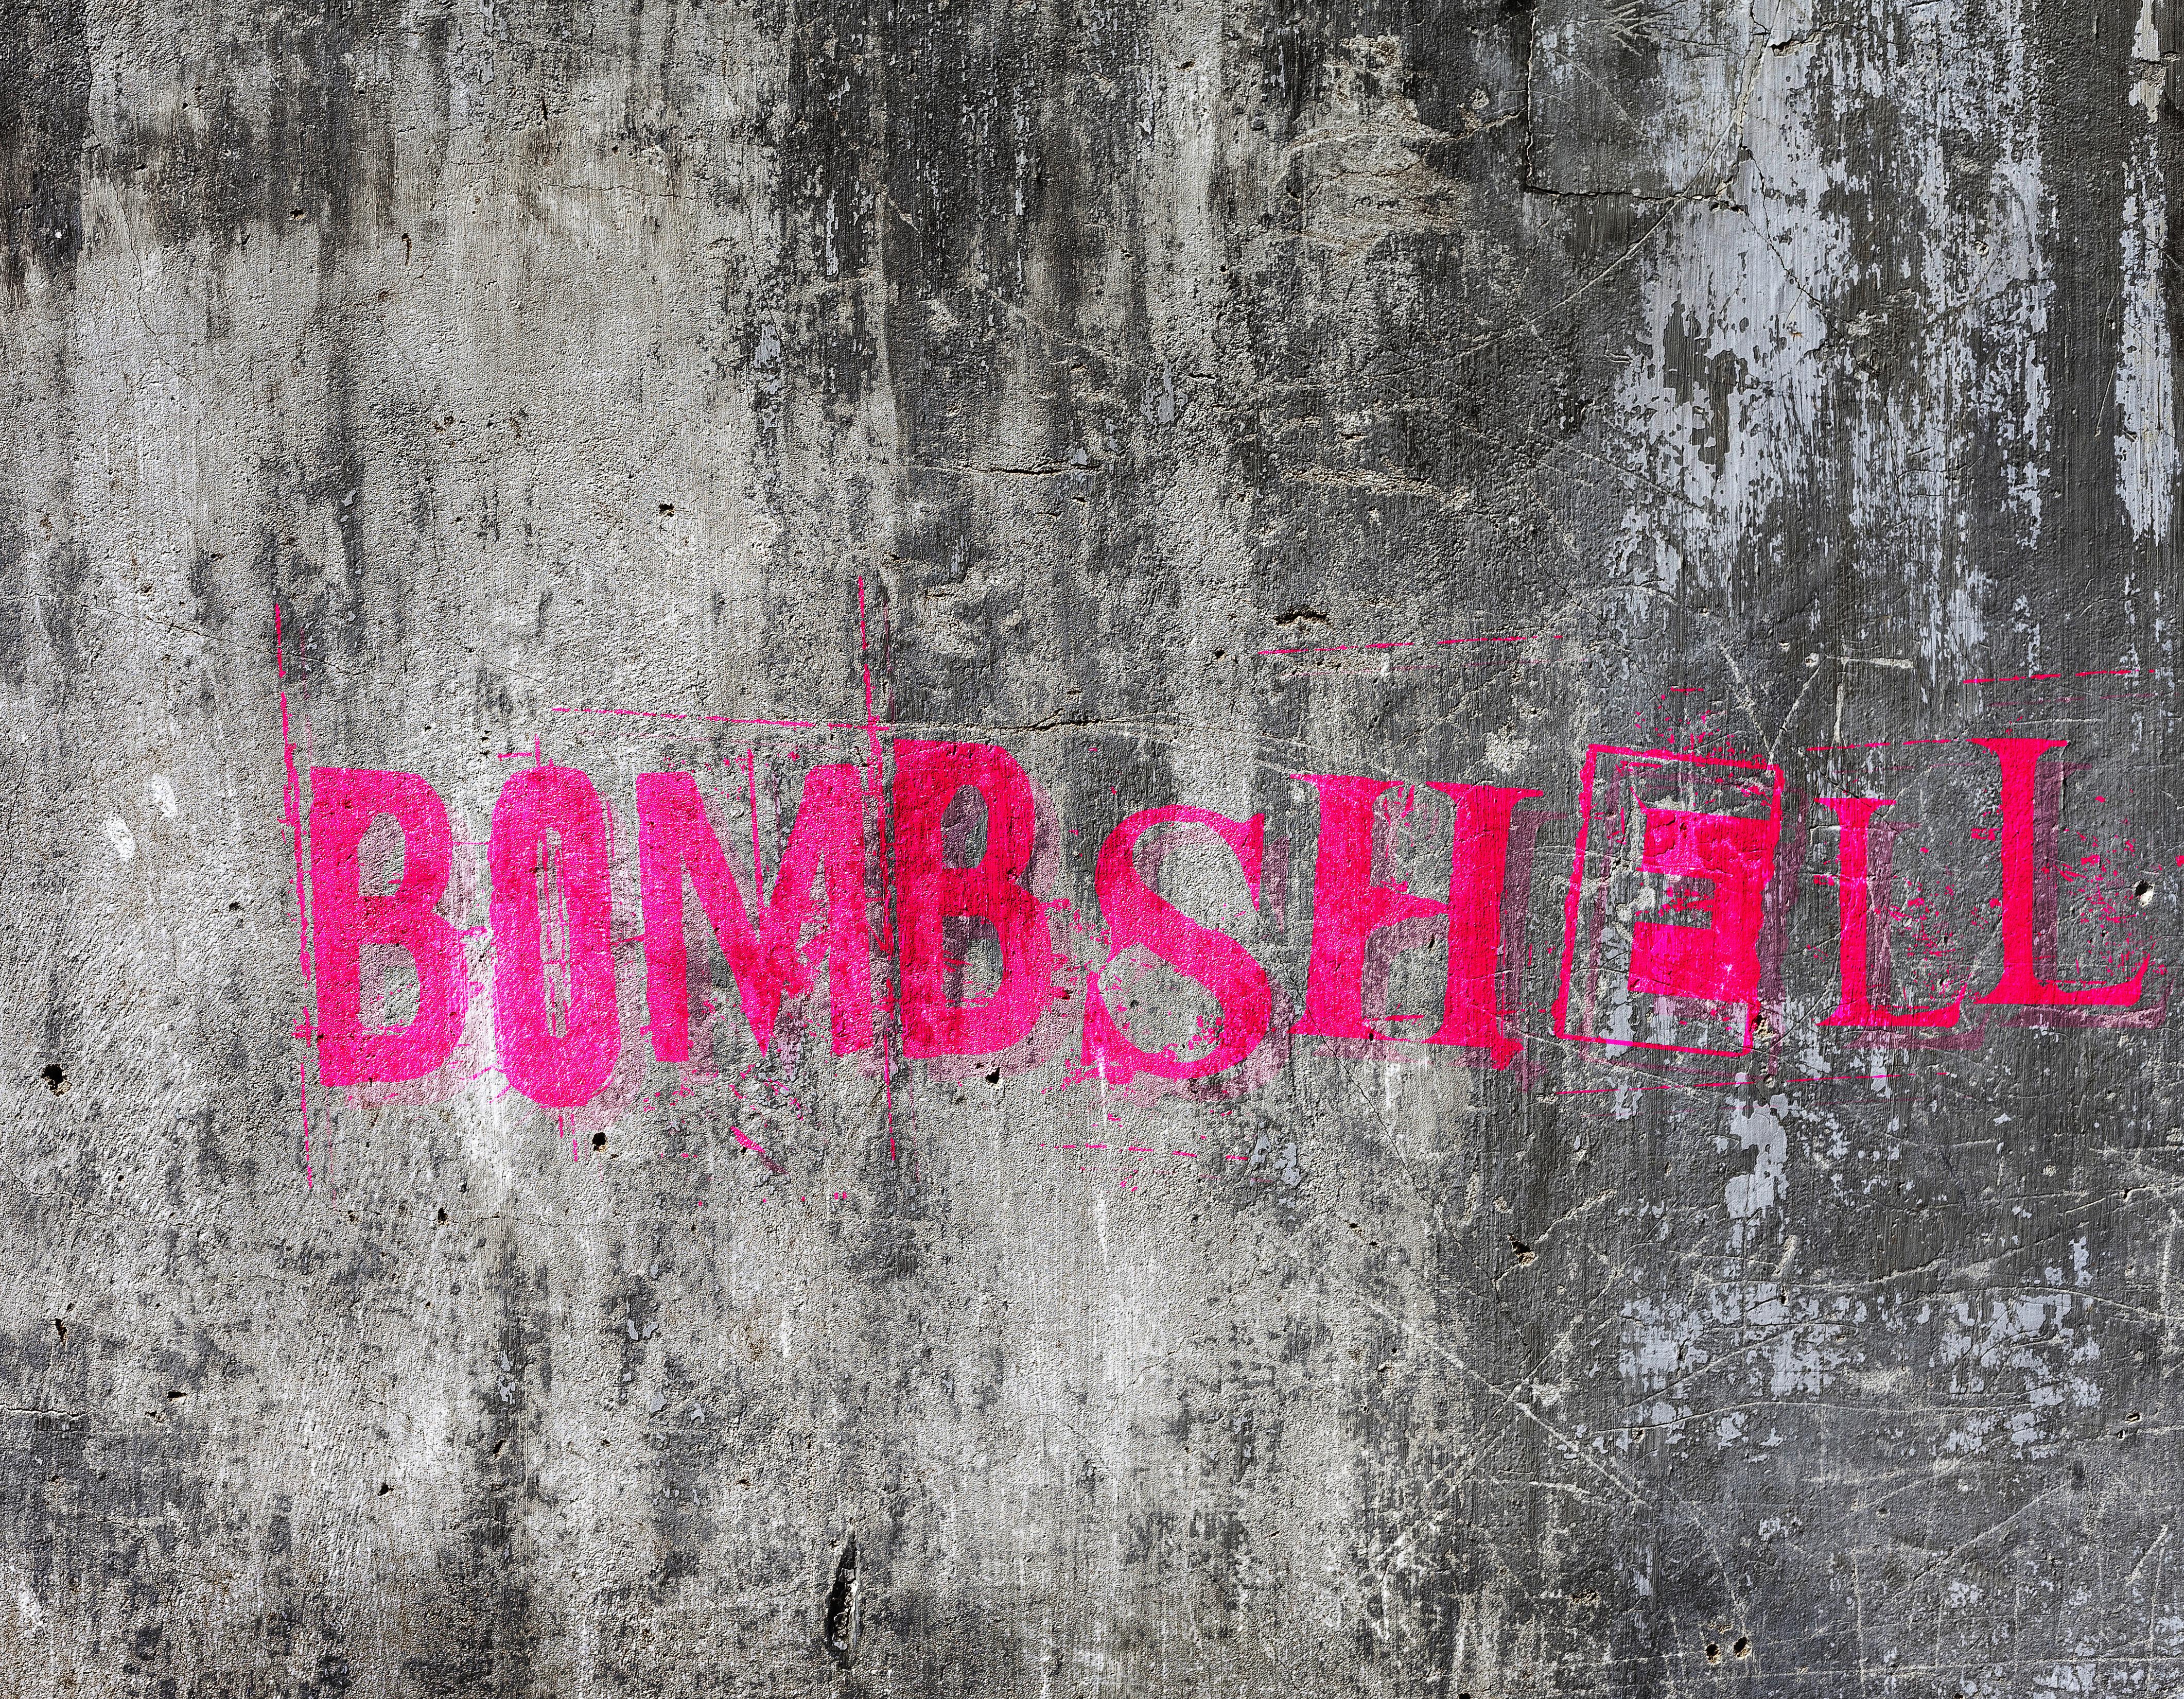 Callie Speer's Bombshell